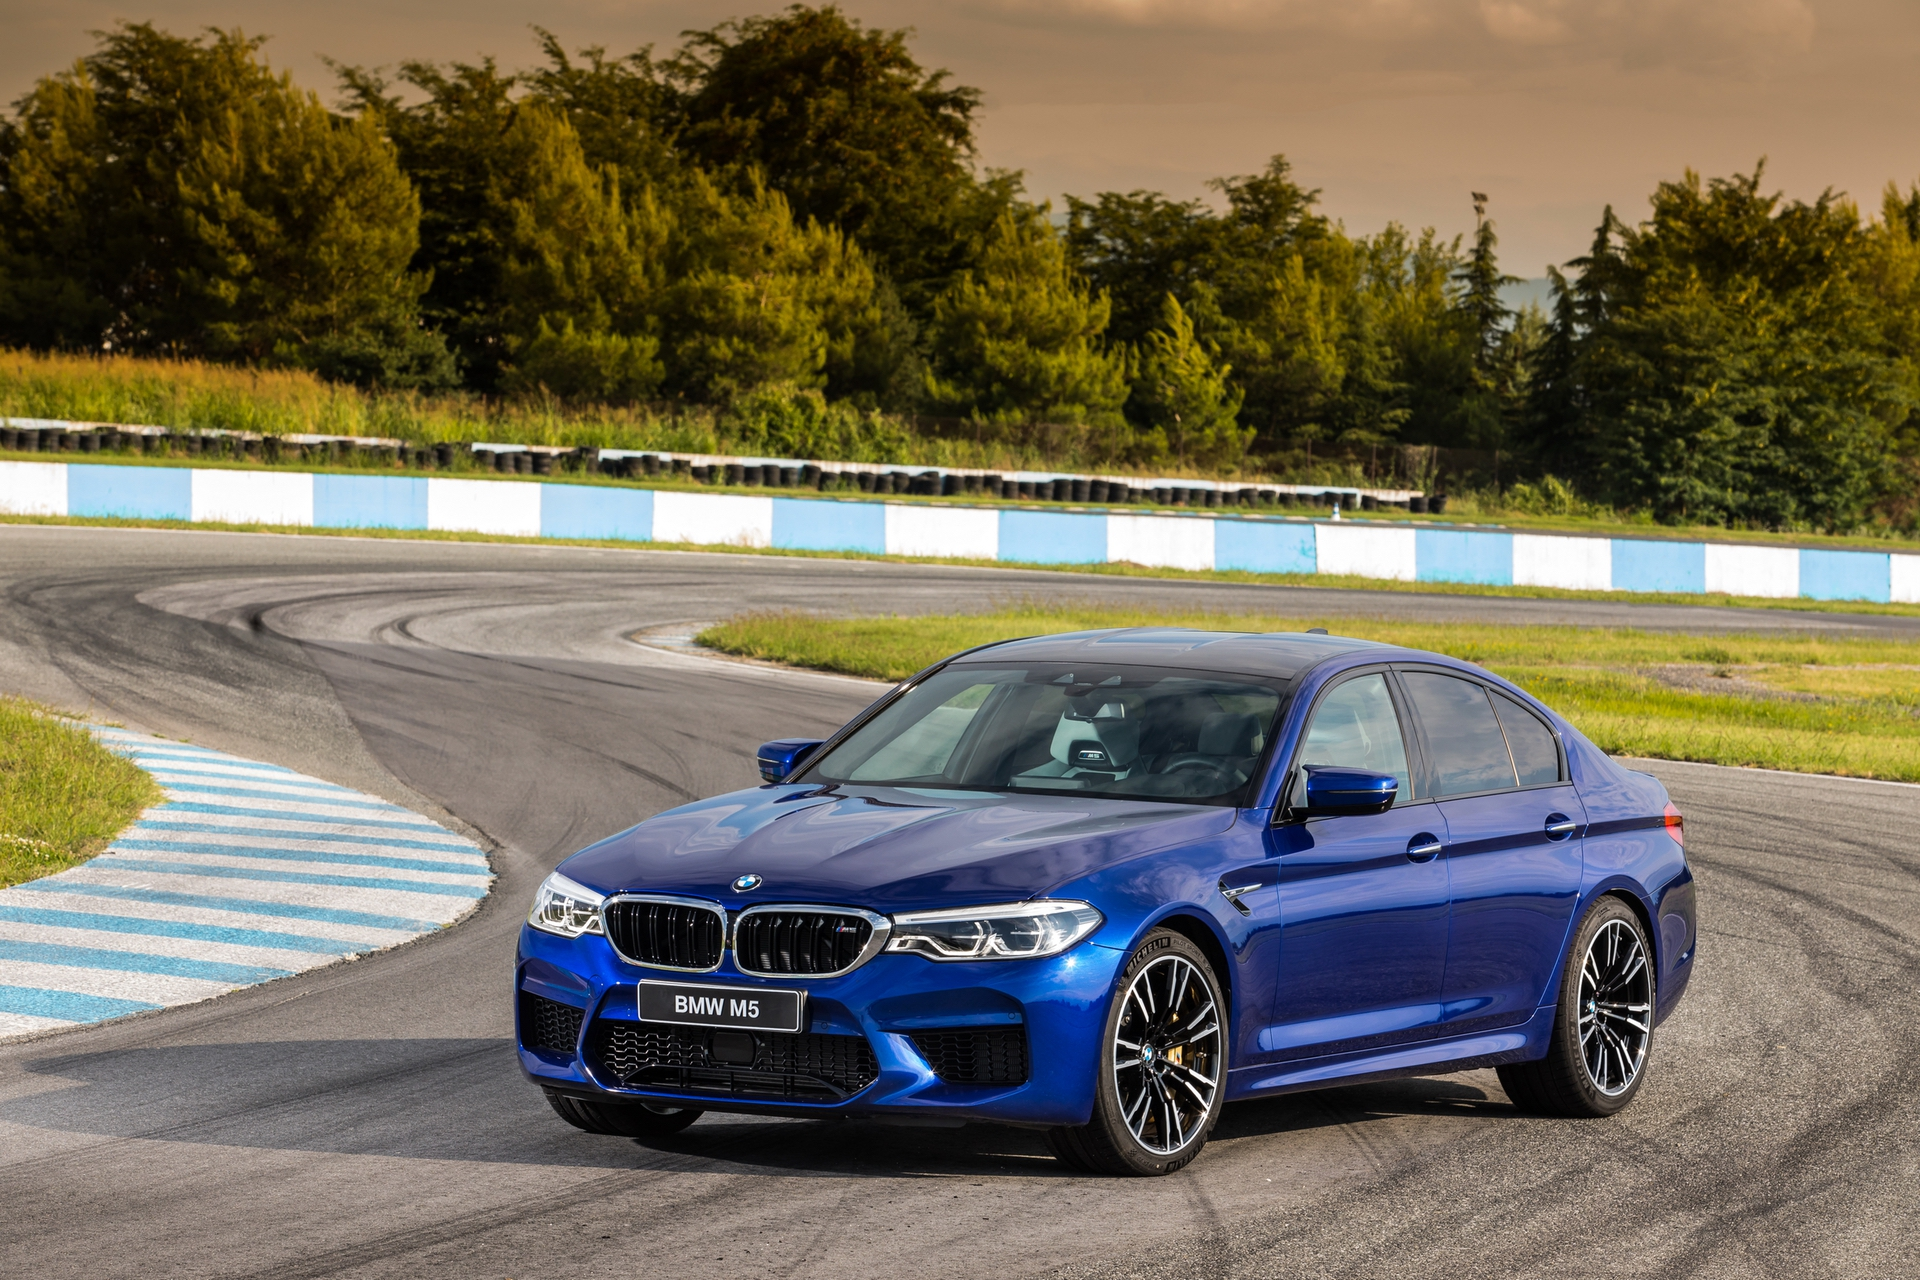 BMW_M5_greek_presskit_0001